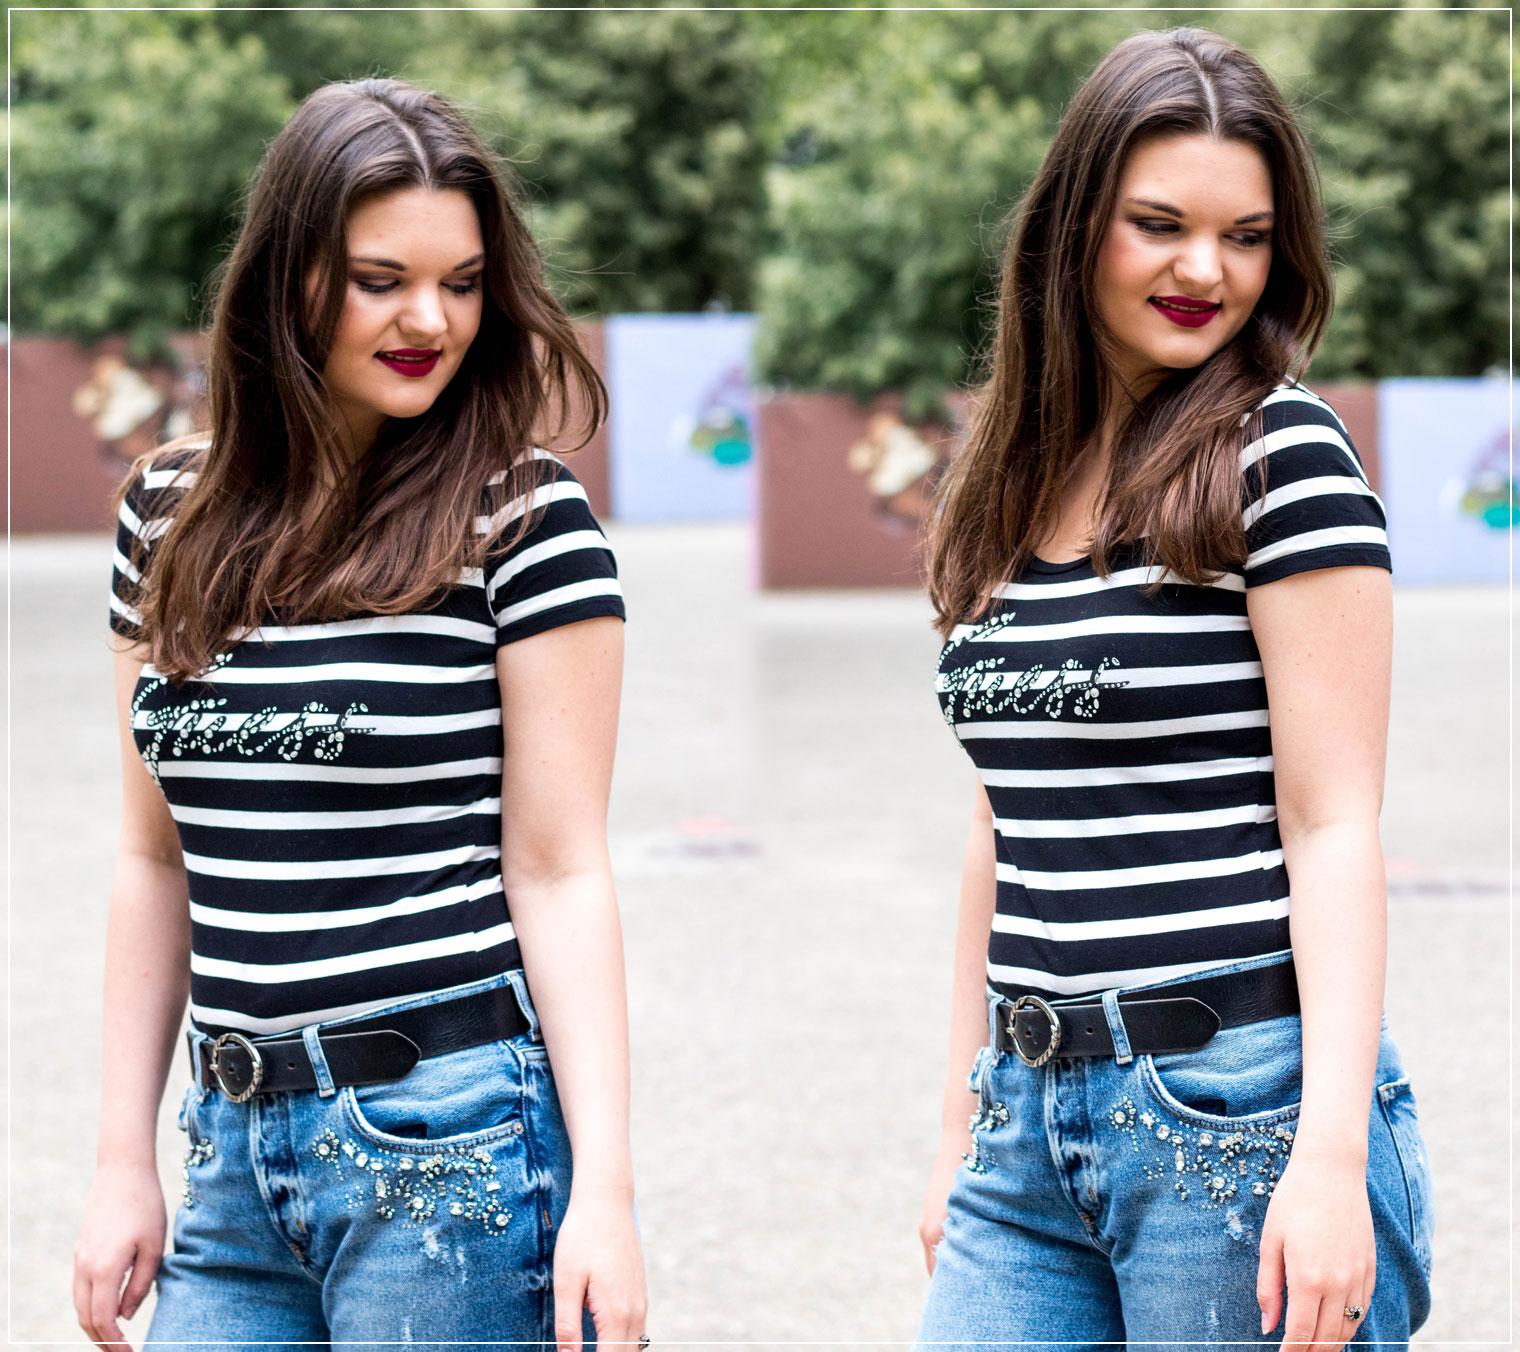 Boyfriend Jeans, Modetrend, Destroyed Jeans, Modeinspiration, Komfort-Zone, Outfitinspiration, Summerstyle, Modebloggerin, Fashionbloggerin, Modeblog, Ruhrgebiet